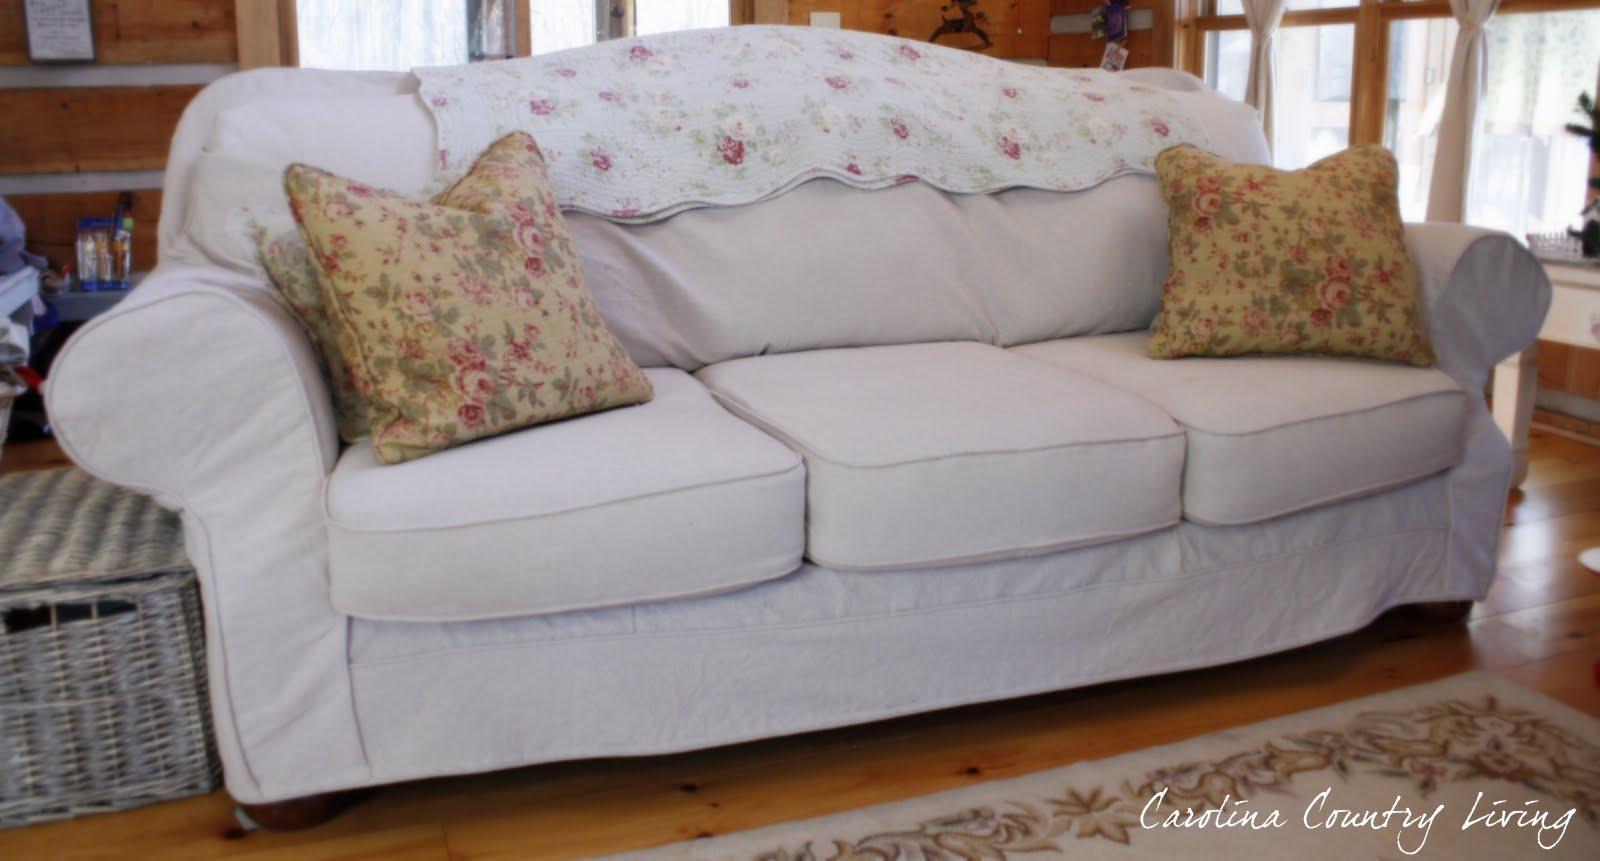 Carolina Country Living: Drop Cloth Sofa Slipcover Inside Camelback Slipcovers (Image 4 of 20)